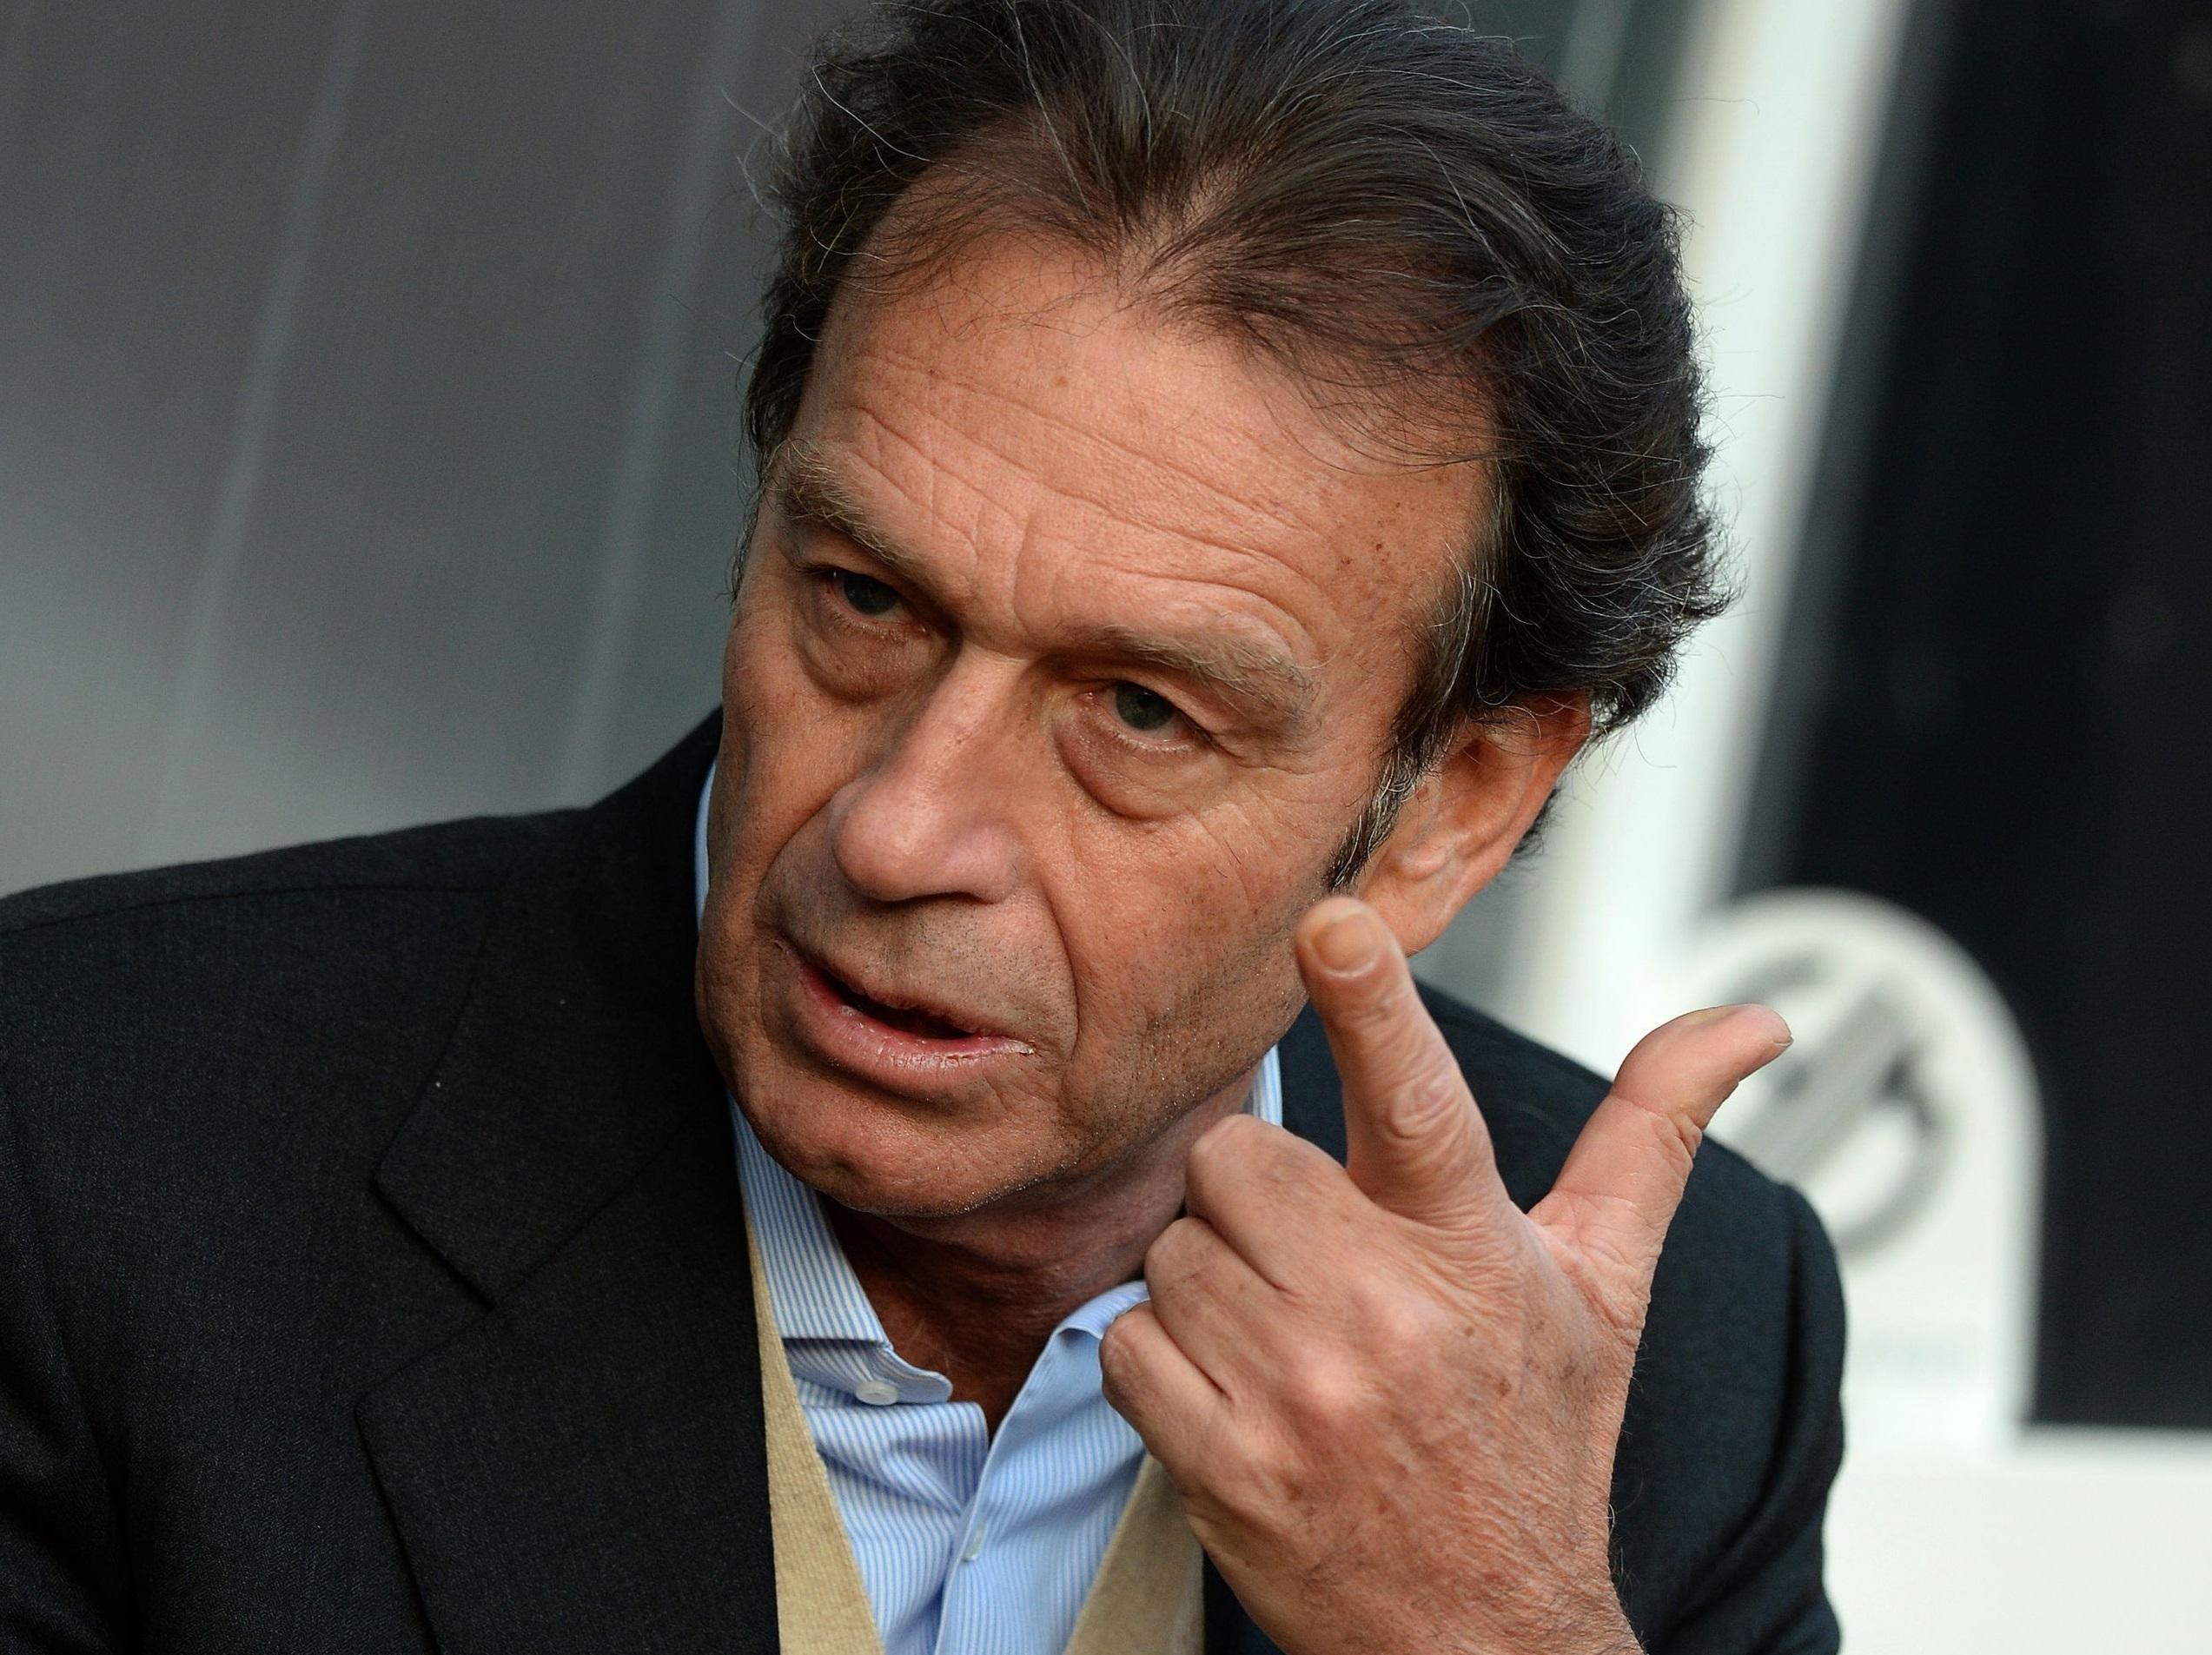 Massimo Cellino (PA Wire)